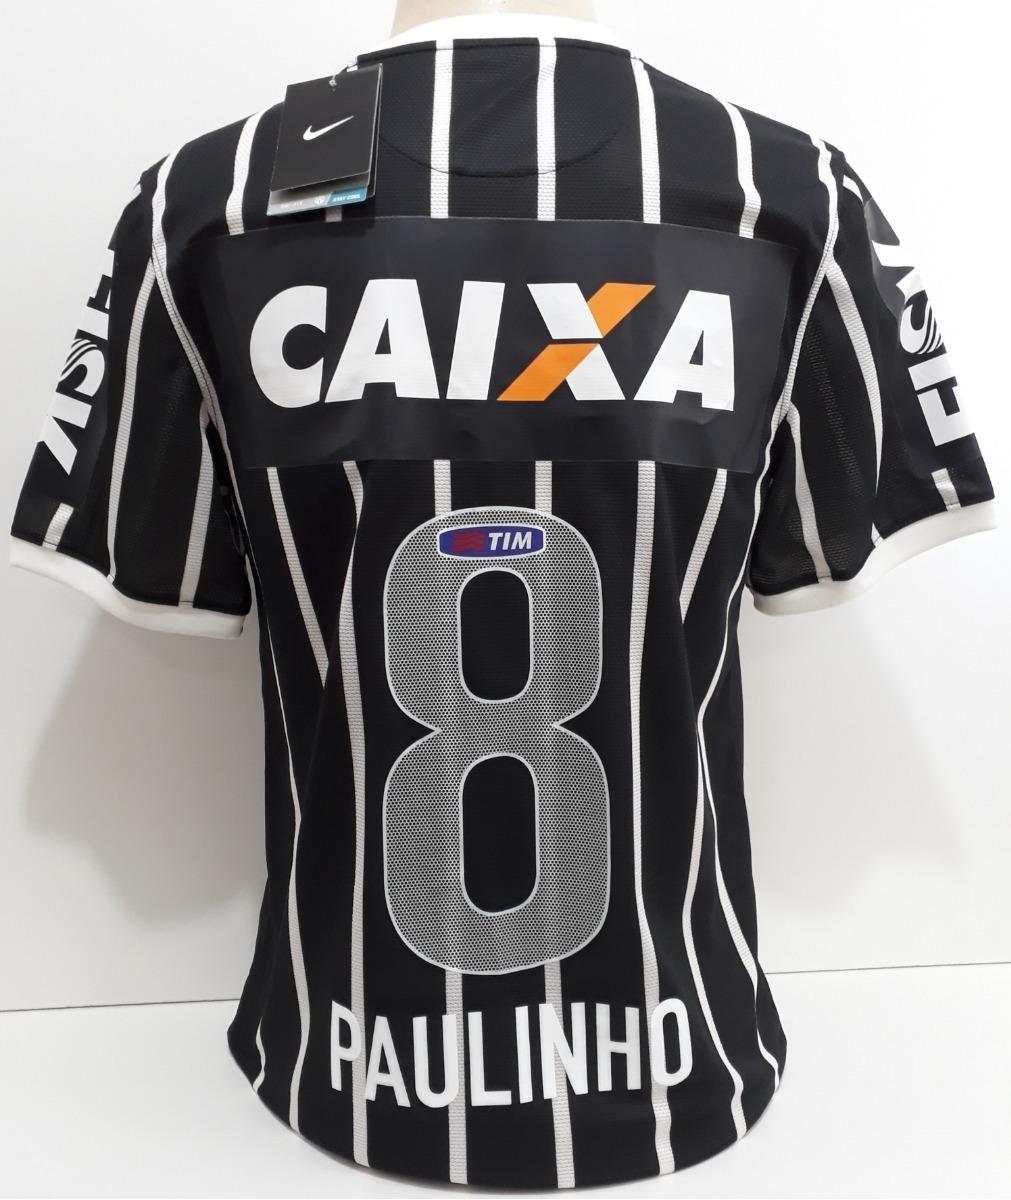 51097906be Camisa Corinthians Nike Mundial E Libertadores Paulinho - 08 - R ...